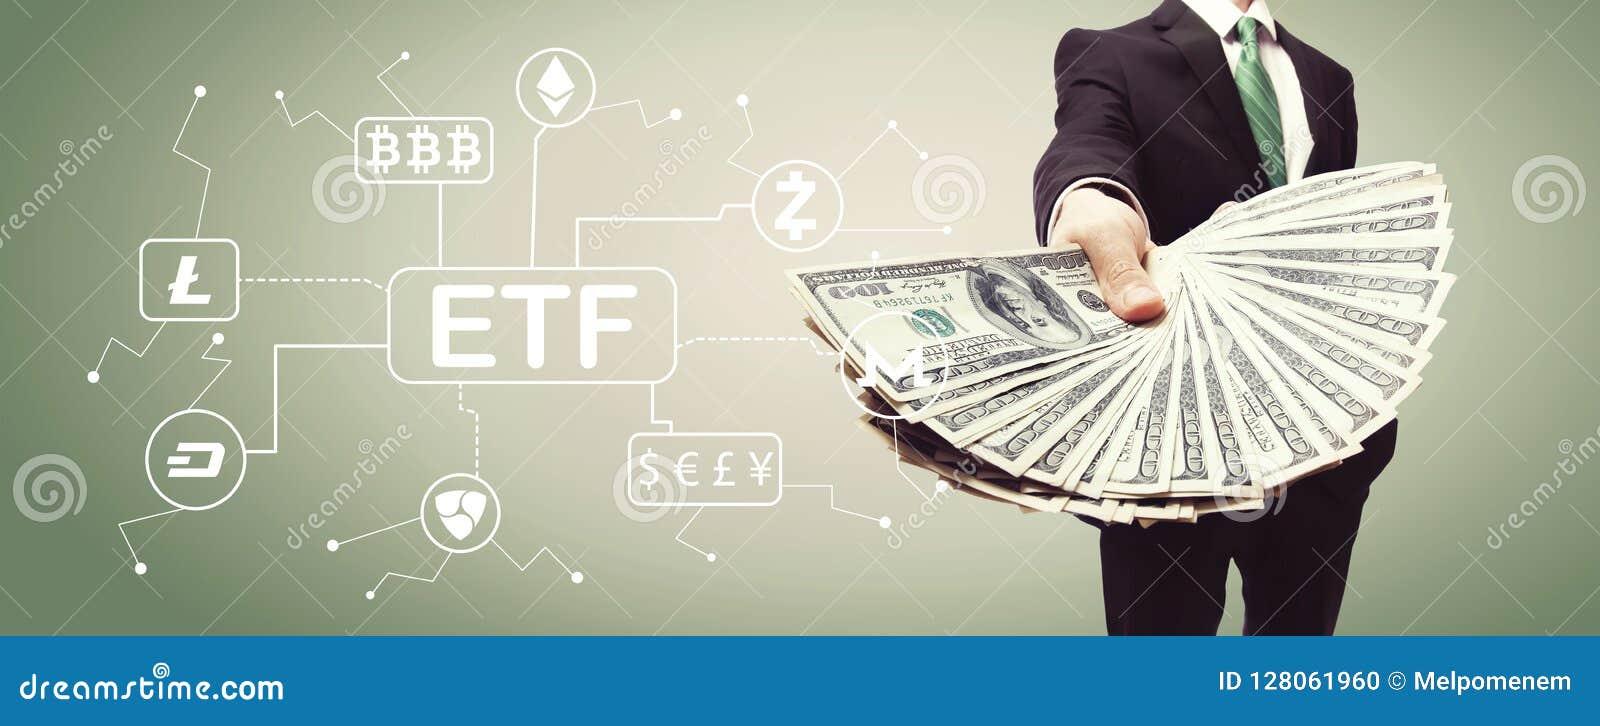 Tema de Cryptocurrency ETF com o homem de negócio com dinheiro